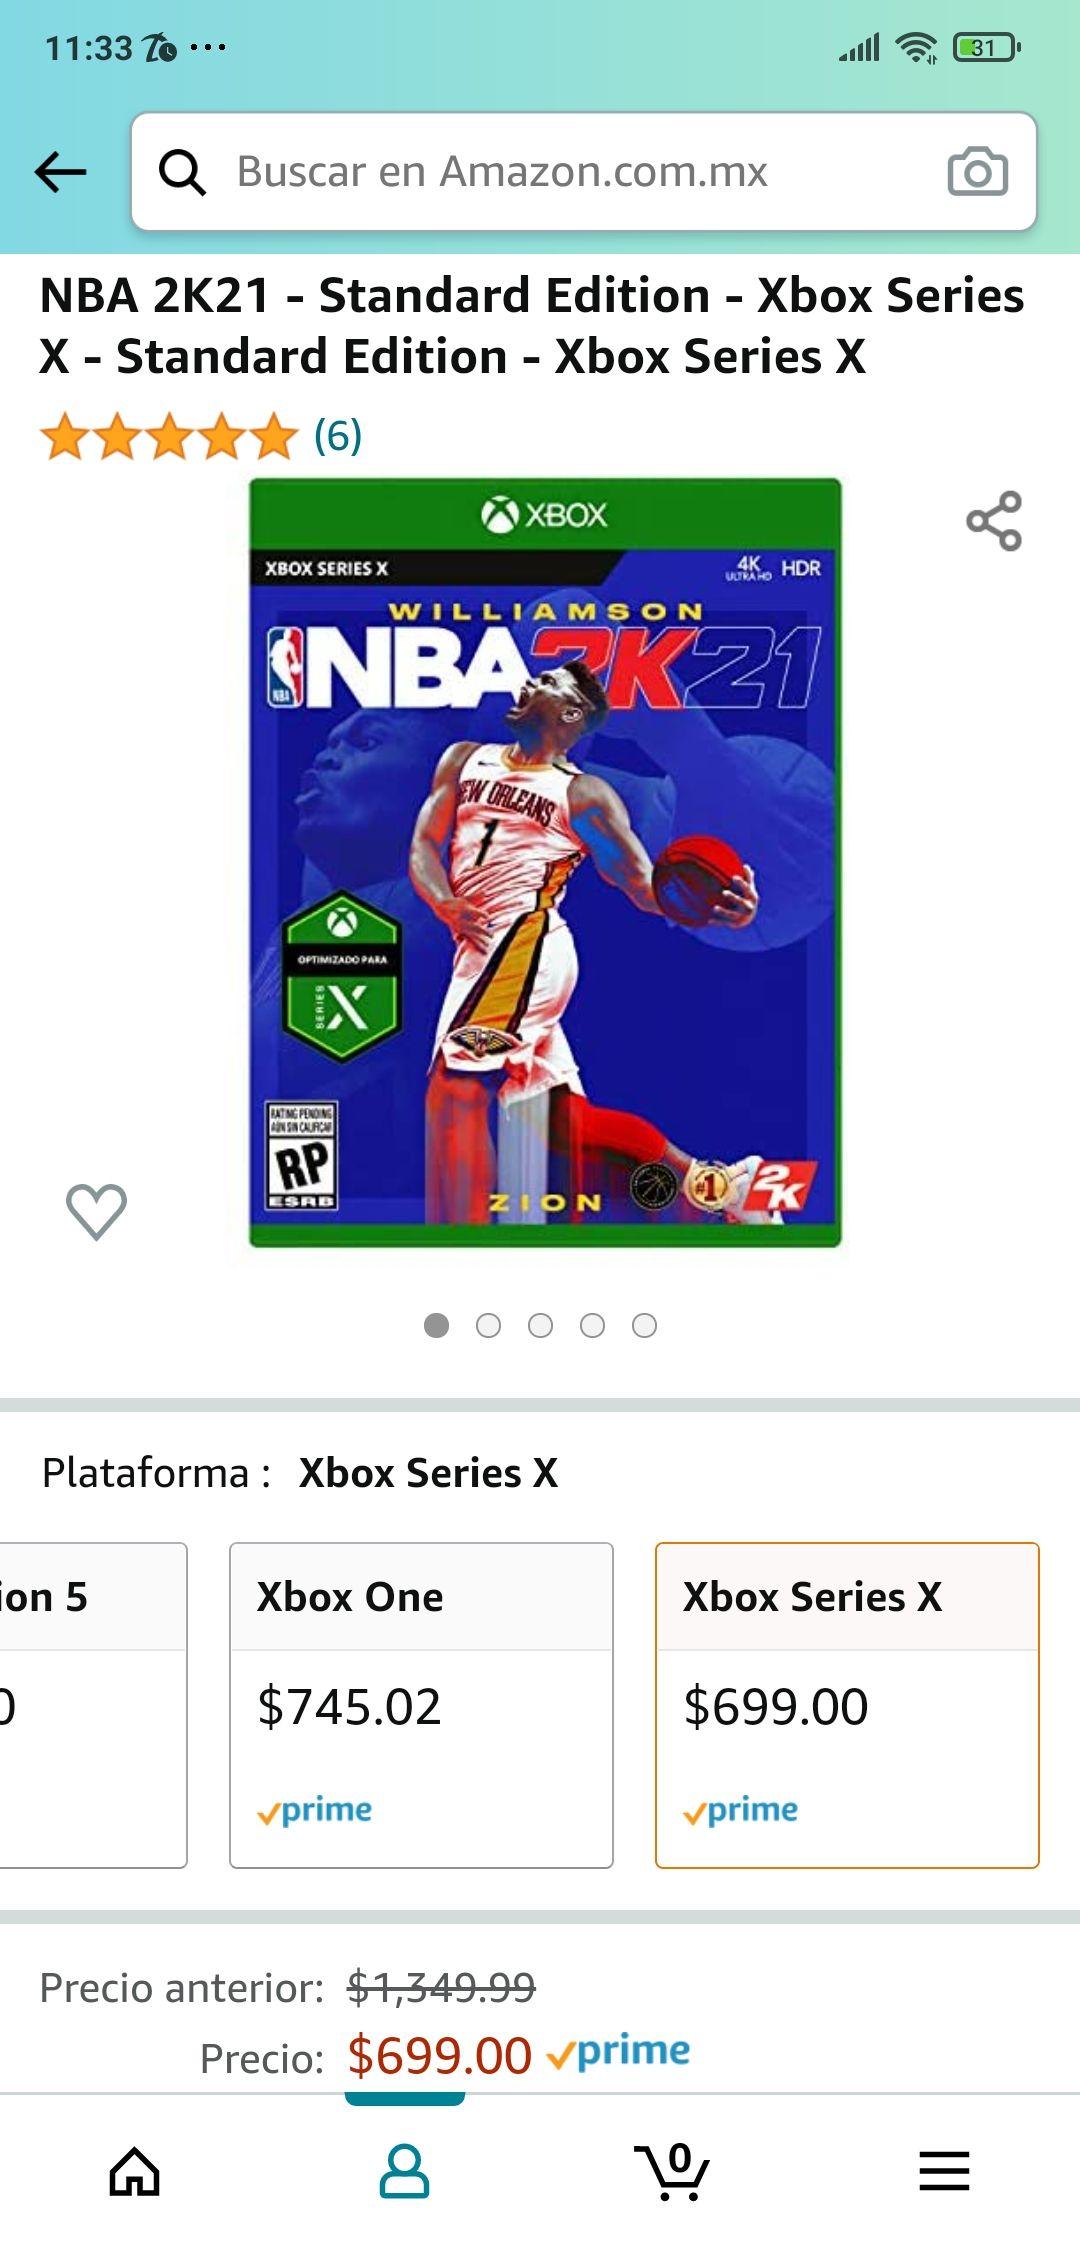 Amazon: NBA 2K21 - Standard Edition - Xbox Series X - Standard Edition - Xbox Series X